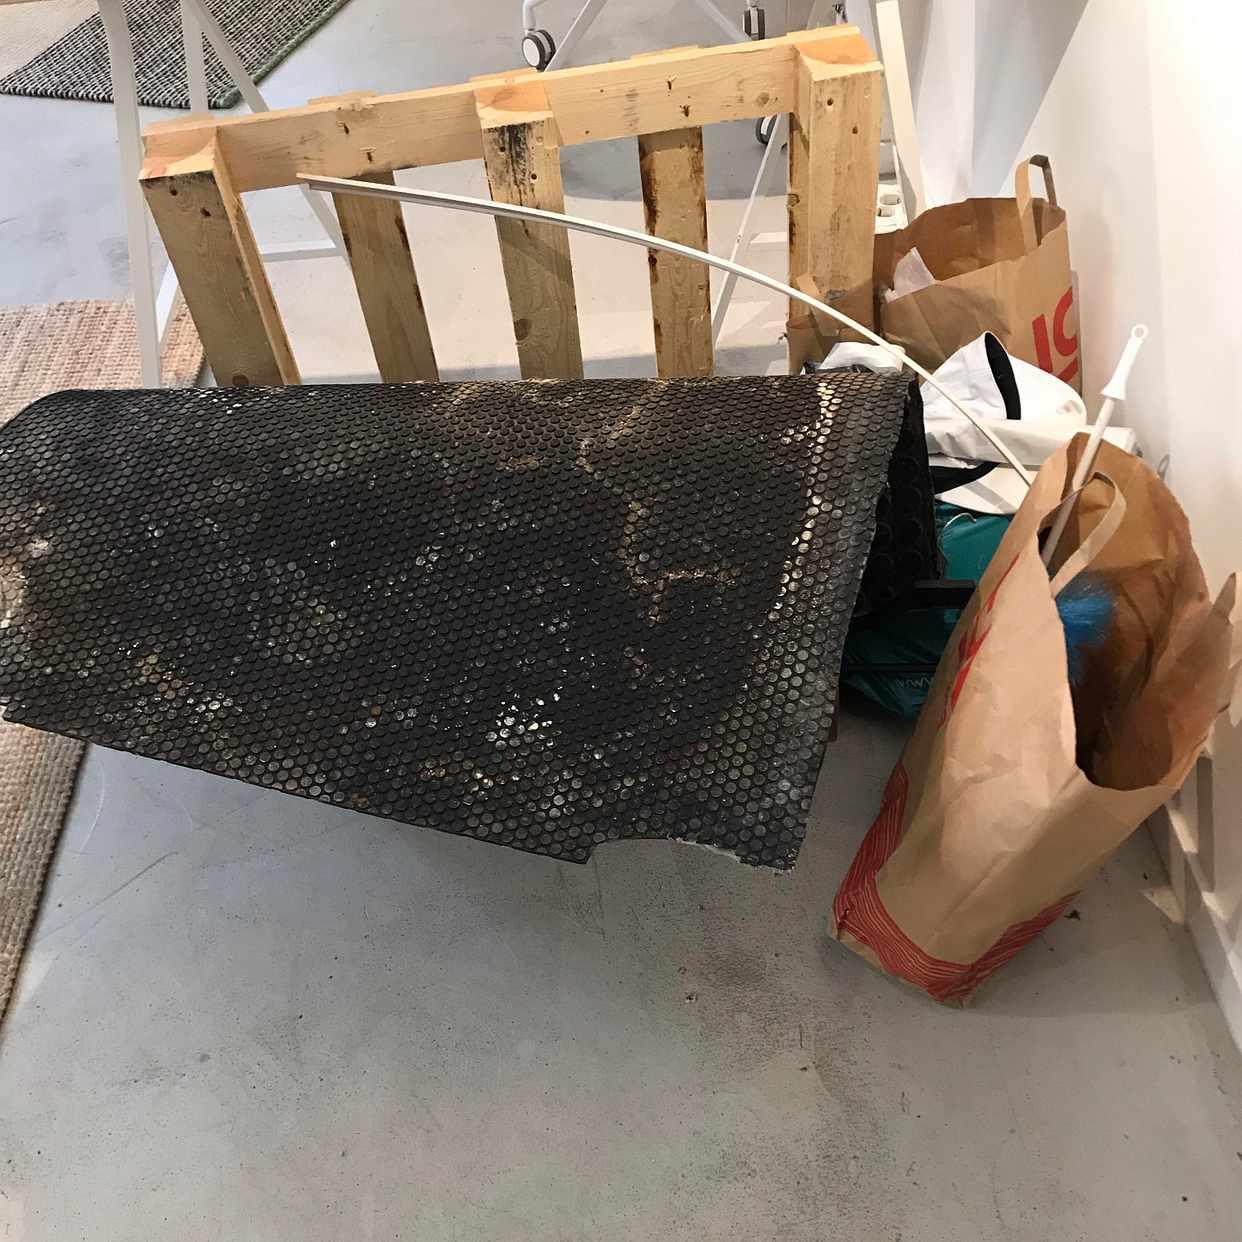 image of Trash - Stockholm